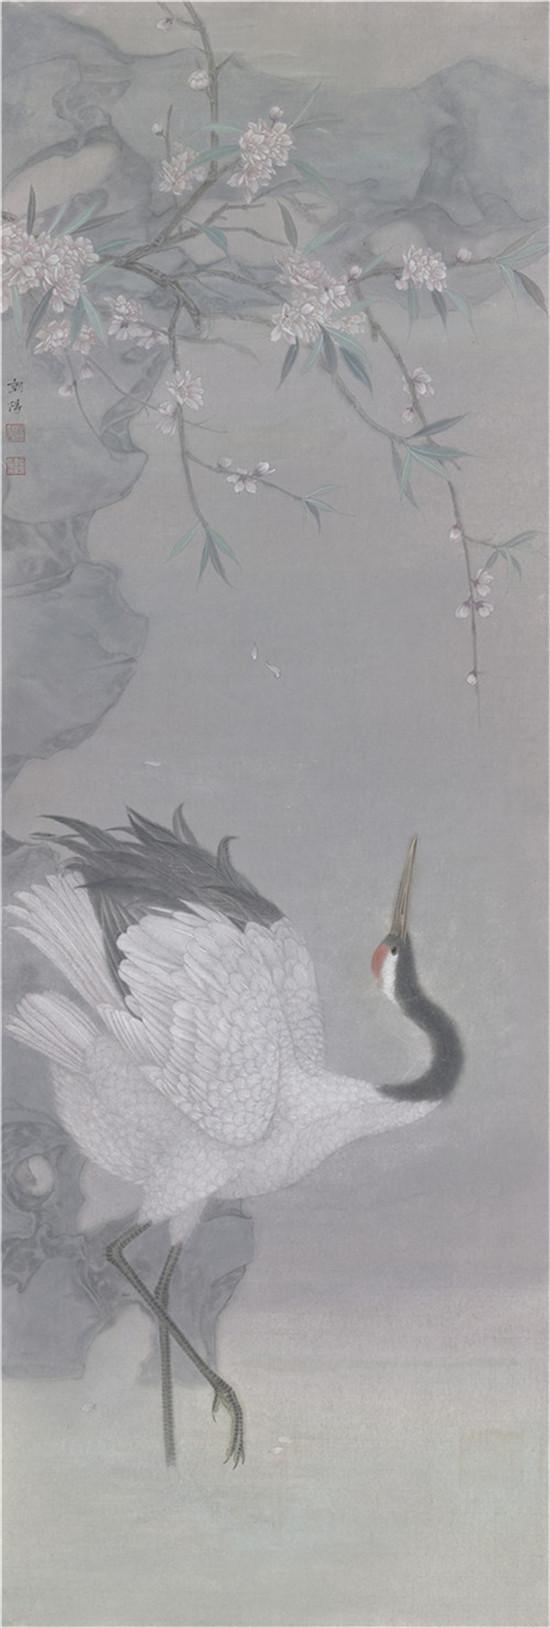 中國杰出書畫名家李朝陽